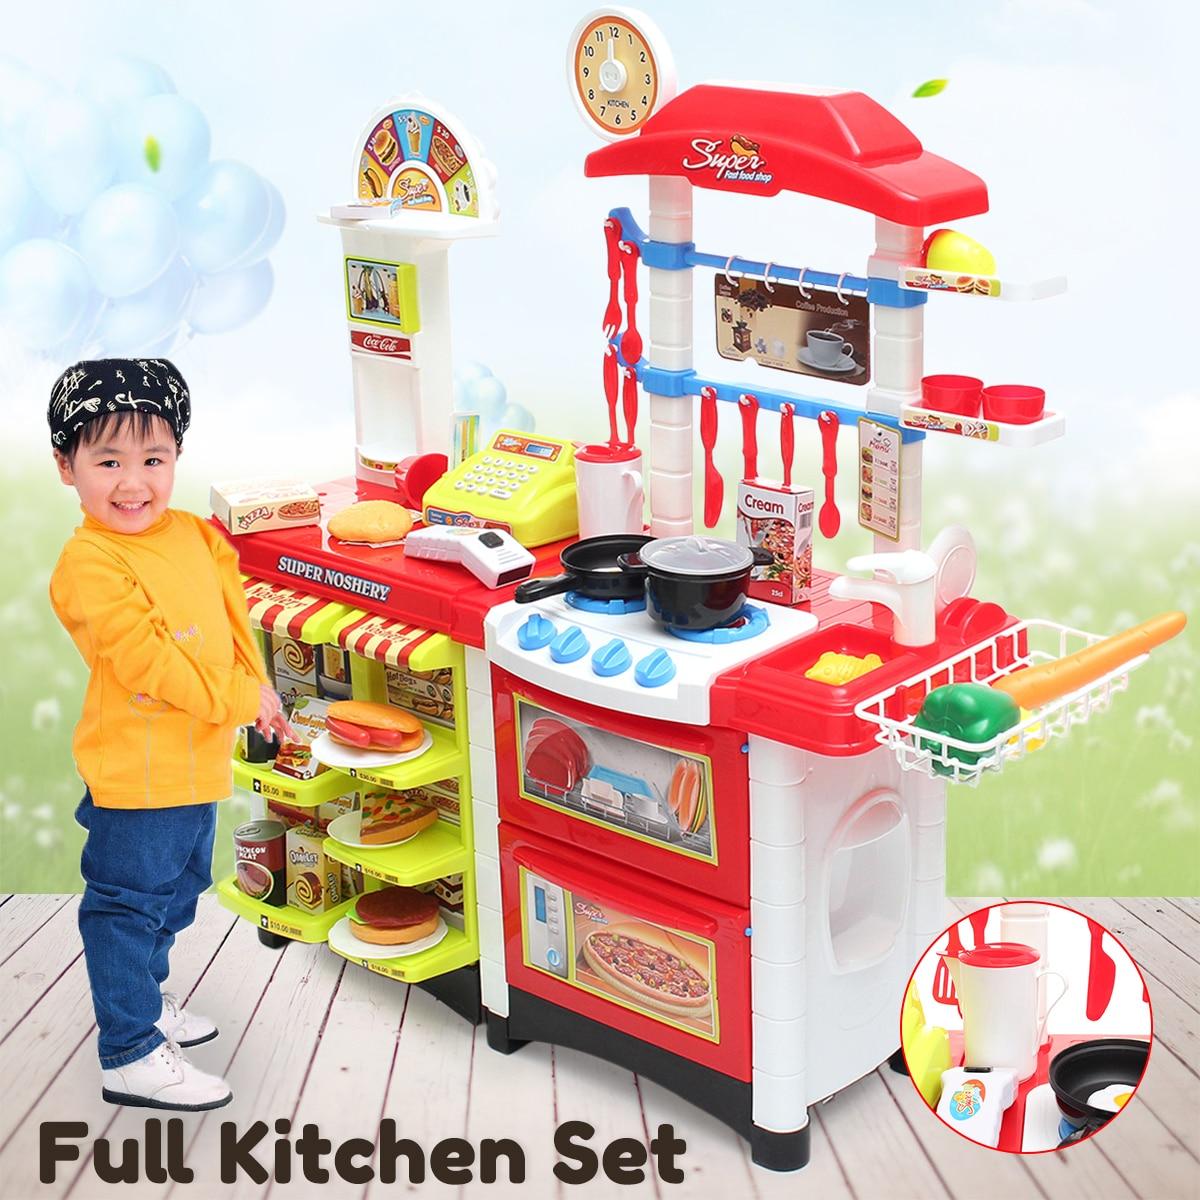 2 в 1 дети Кухня Притворись Ролевая игра набор супермаркет малышей Детская игрушка домой Еда моделирование Кухня счетчик игрушки